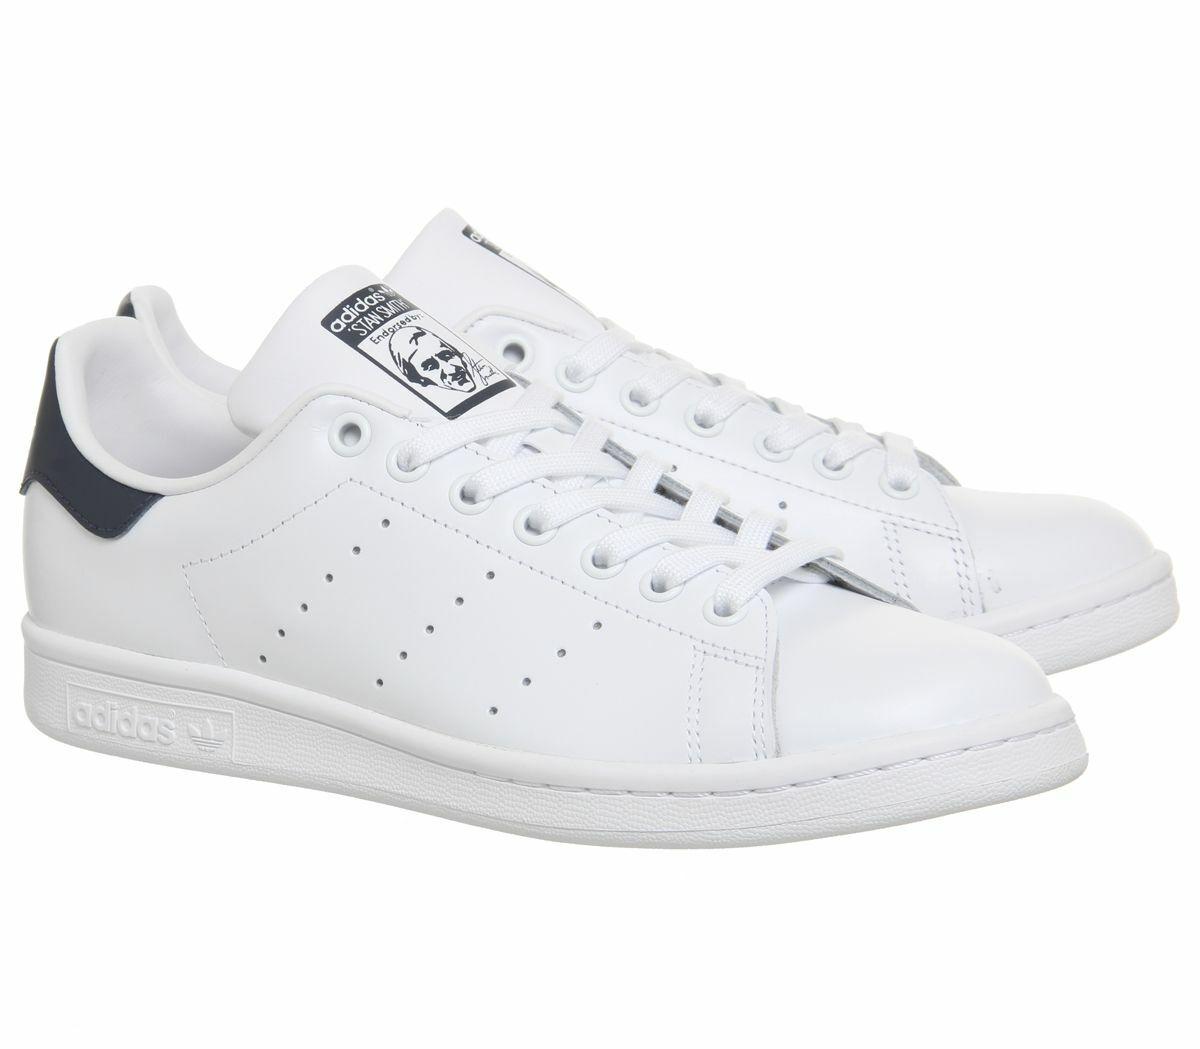 Adidas Originals Stan Smith Unisex Leather Trainers Turnschuhe Weiß Navy M20325